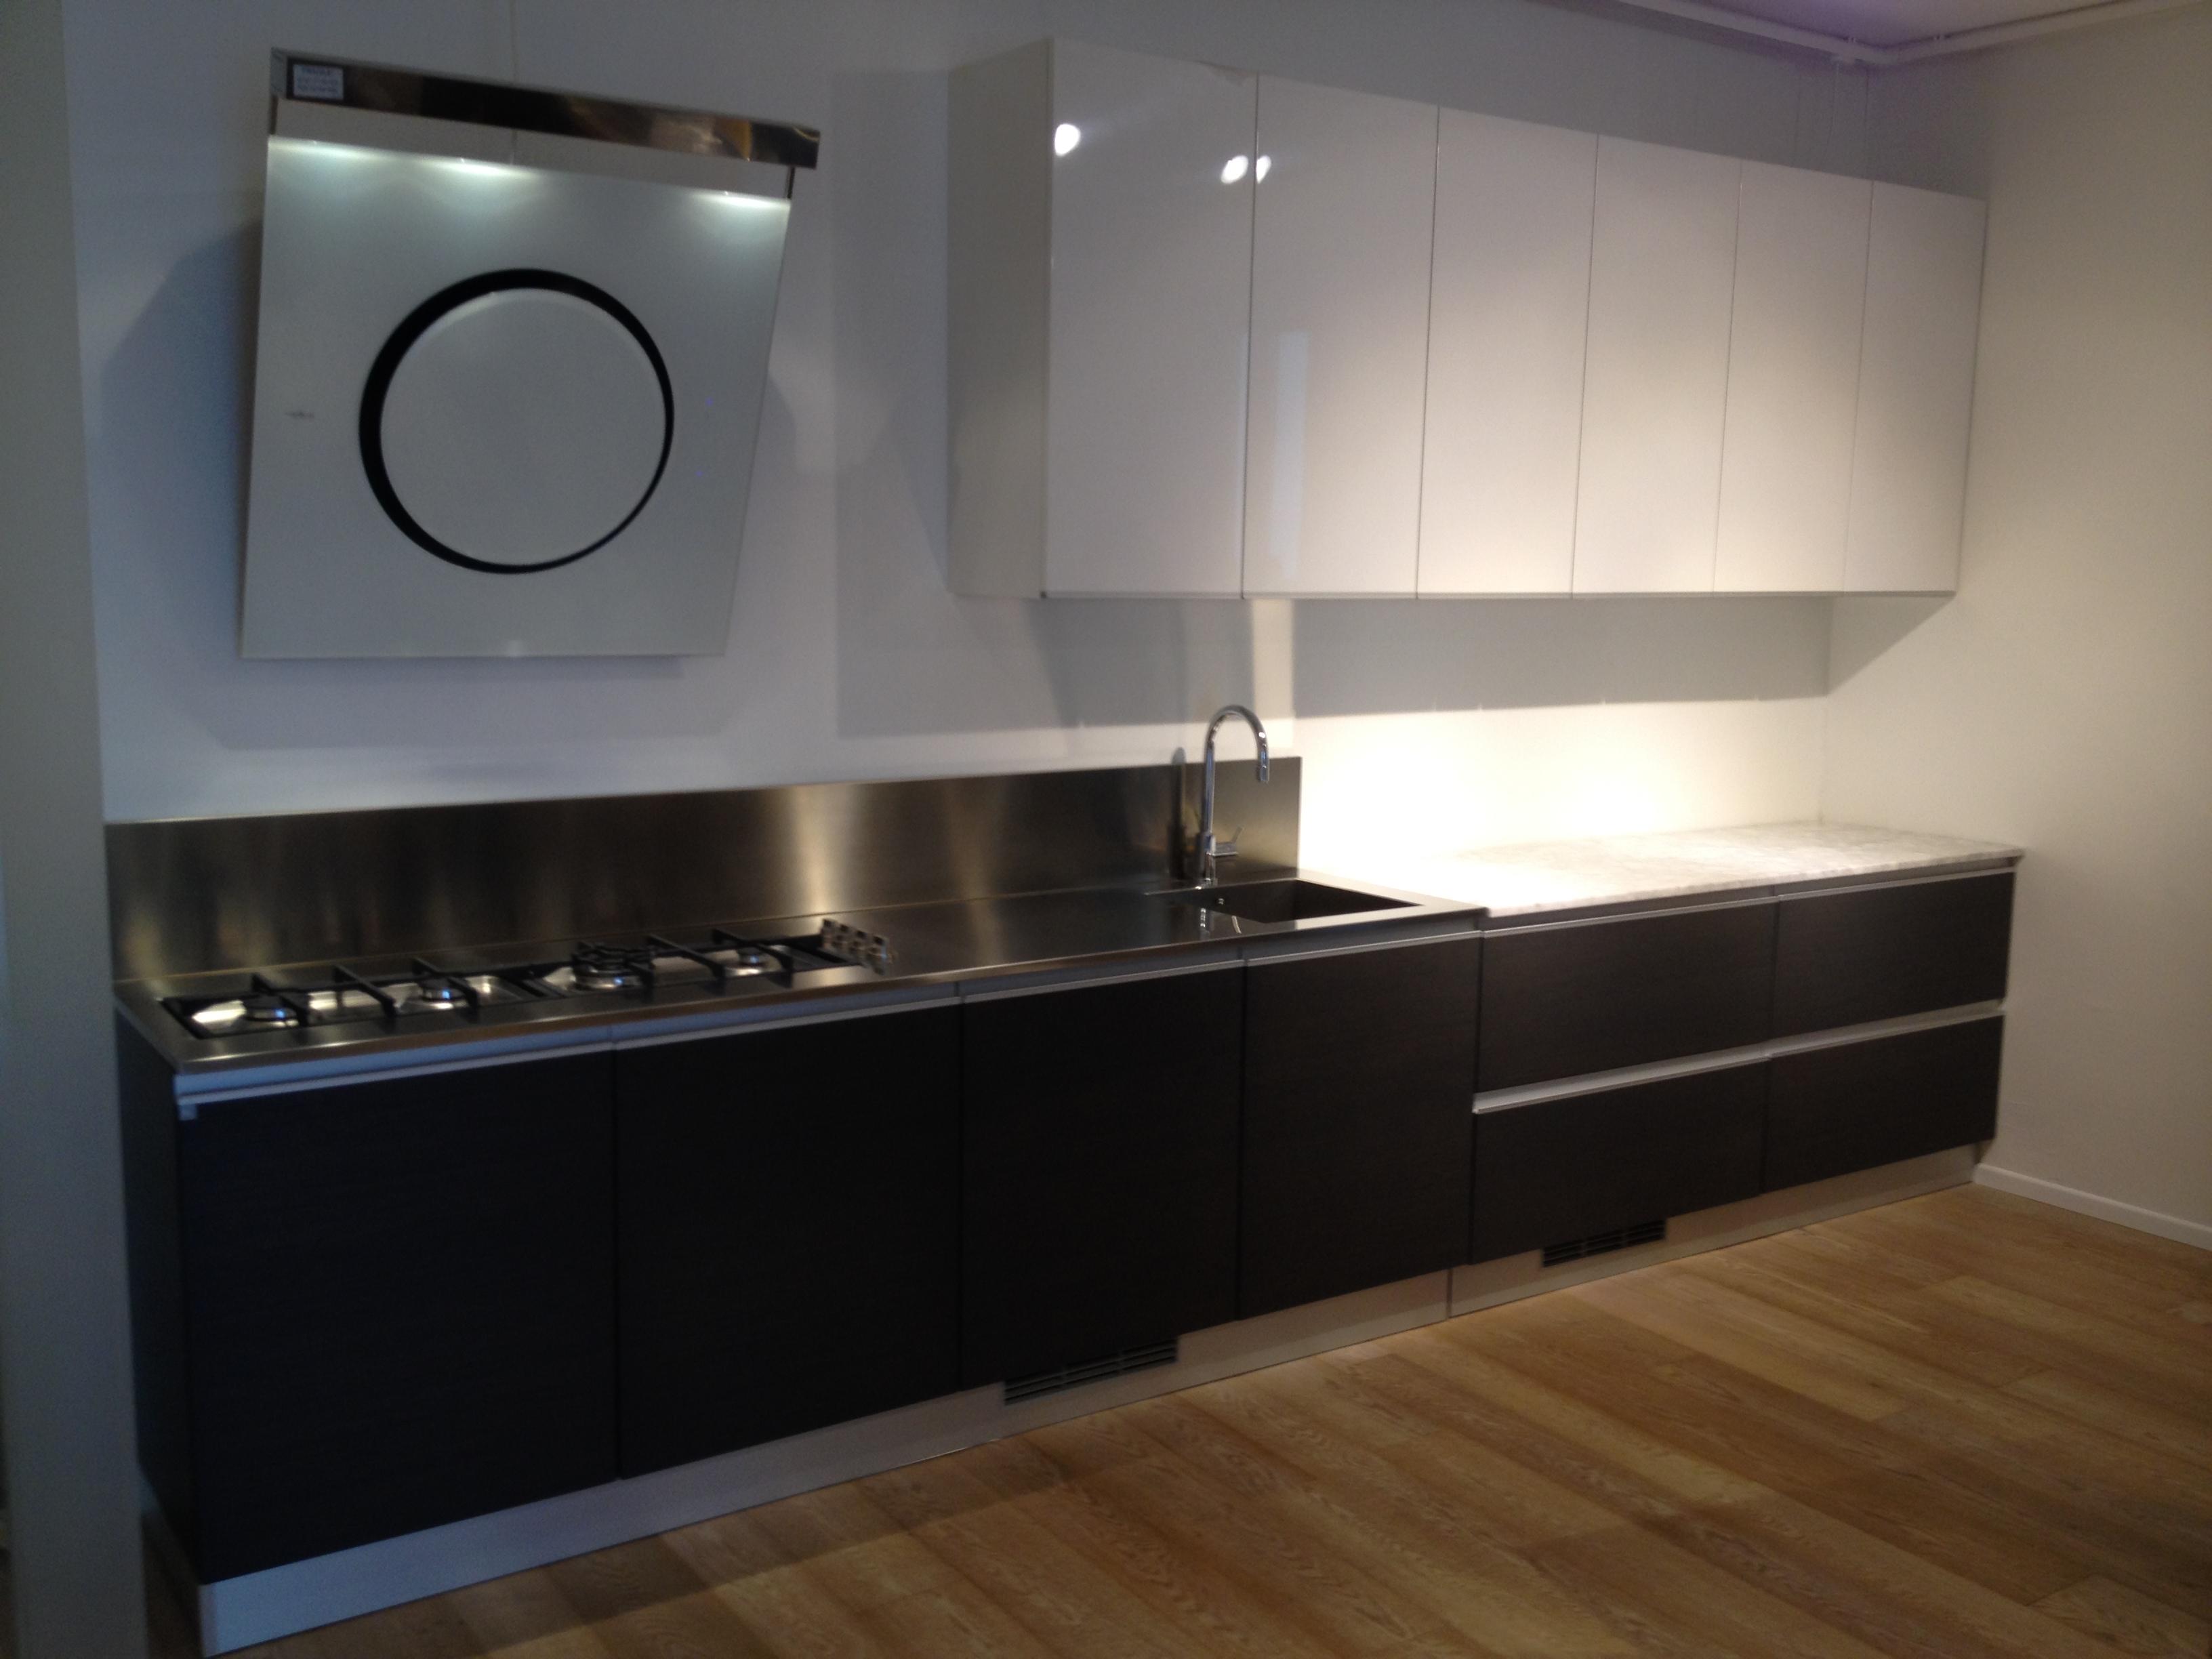 Cucina copat scontata cucine a prezzi scontati - Parete lavagna cucina ...